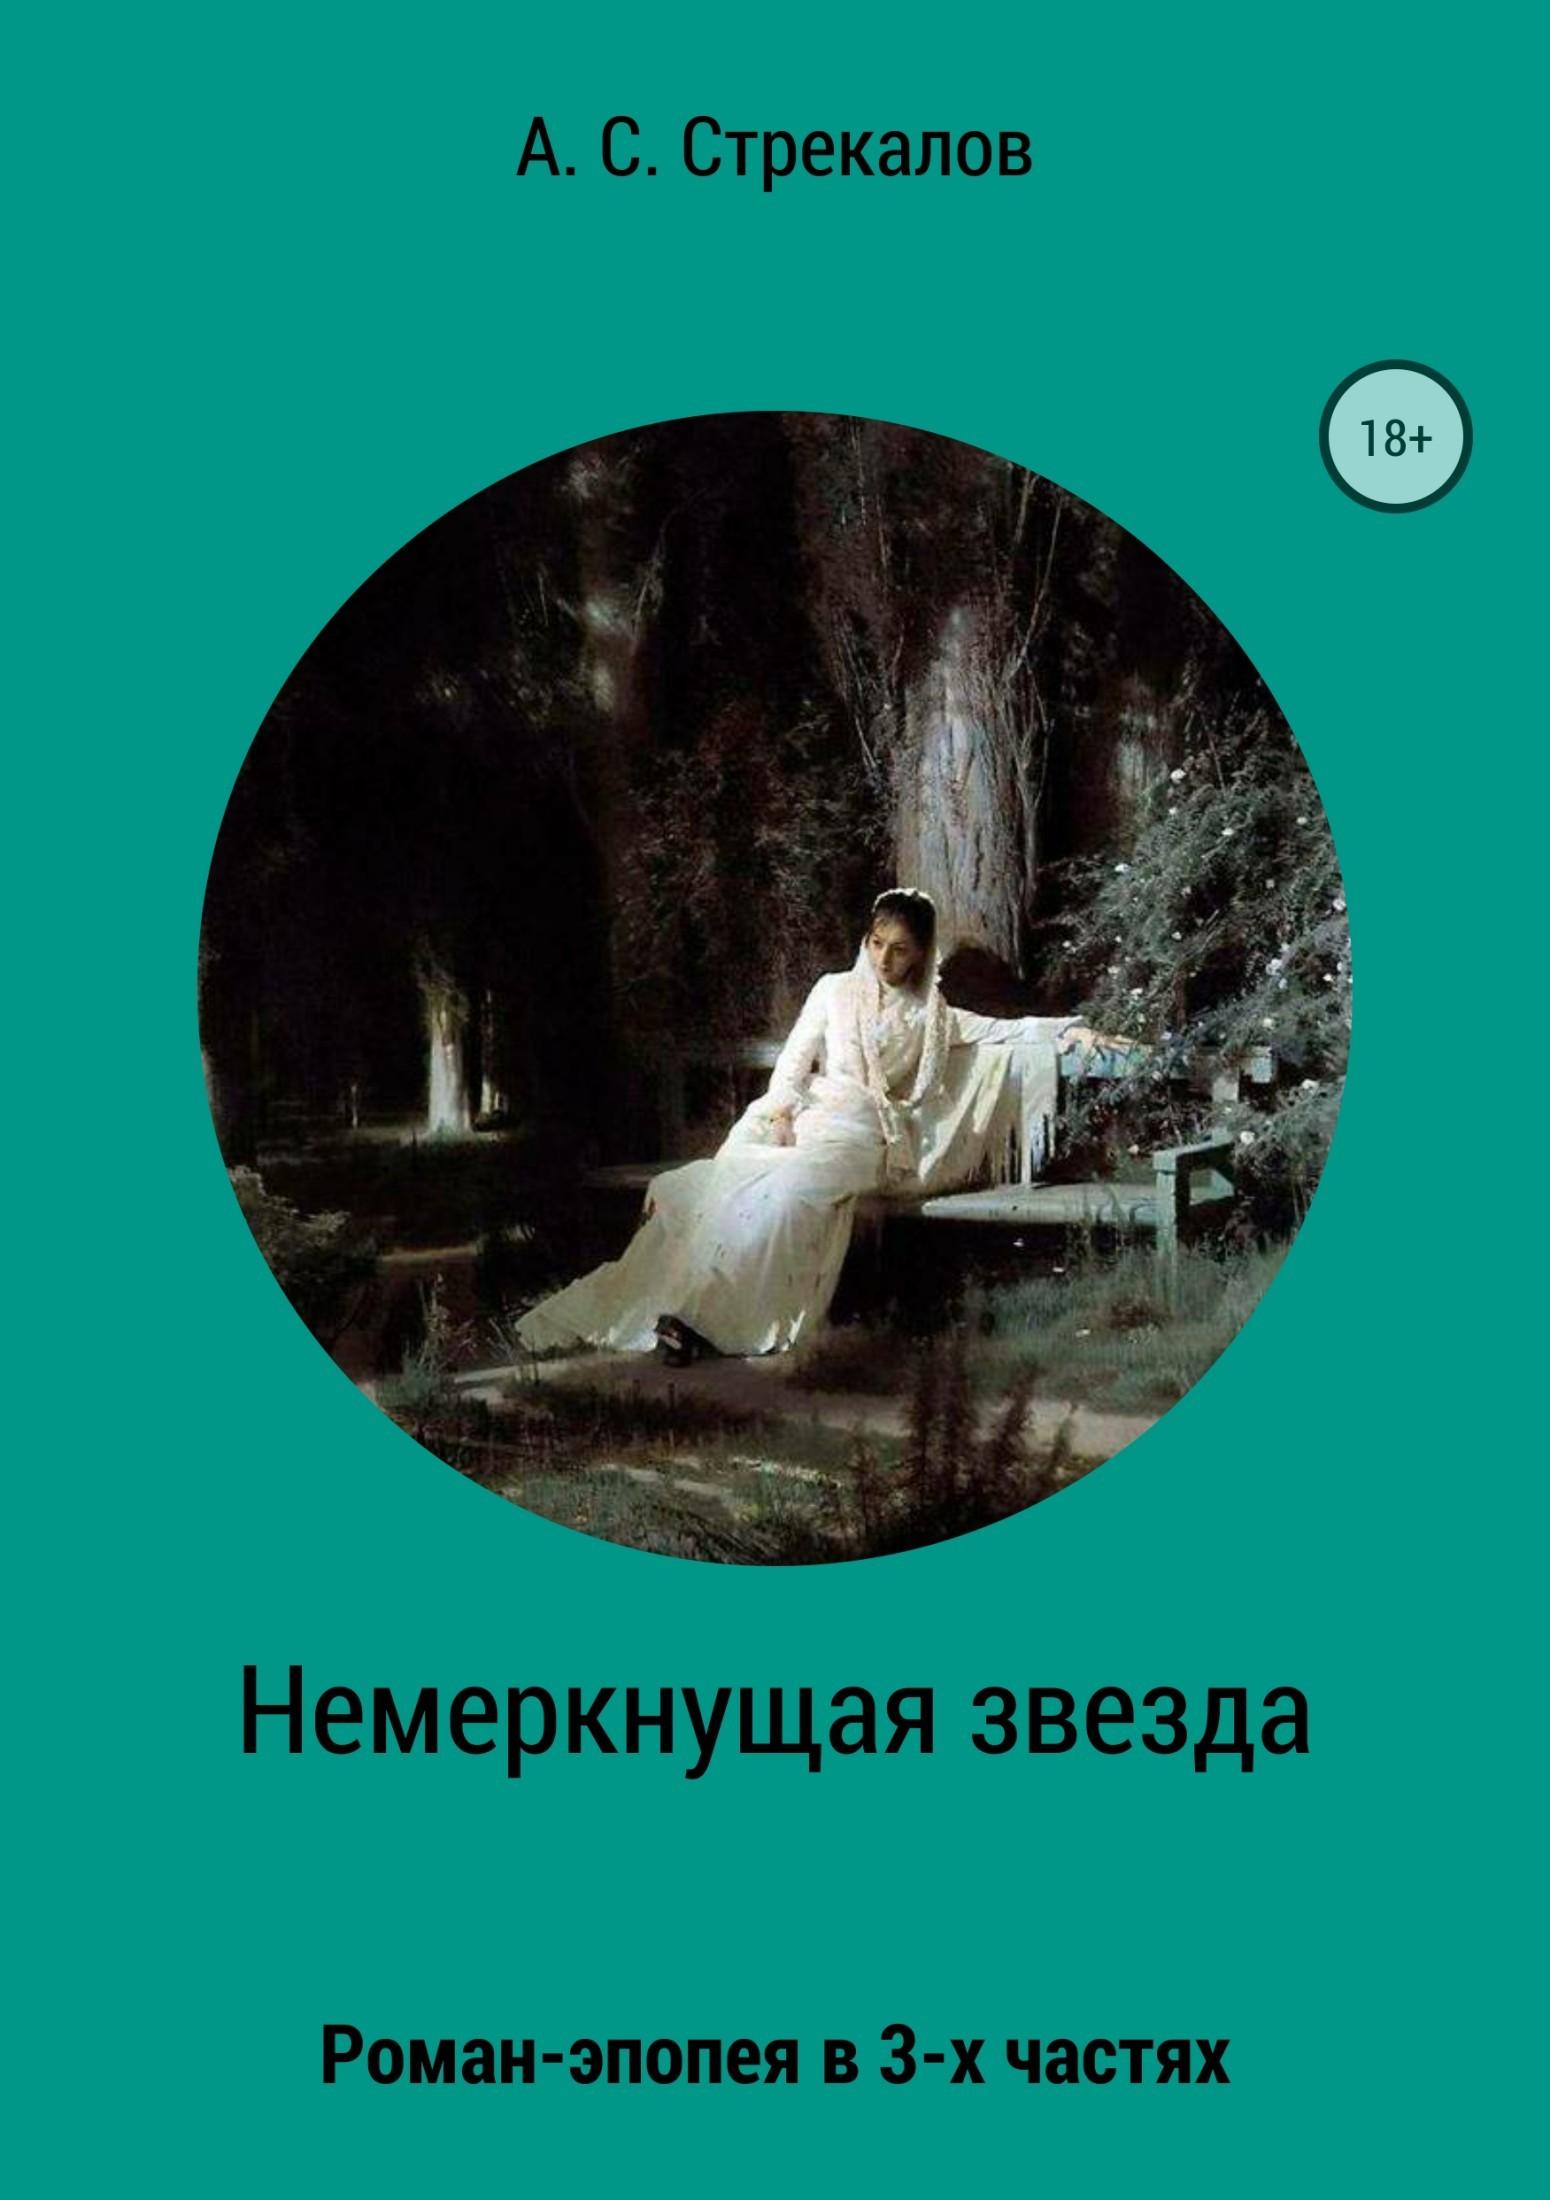 Александр Сергеевич Стрекалов. Немеркнущая звезда. Роман-эпопея в трёх частях. Часть 3